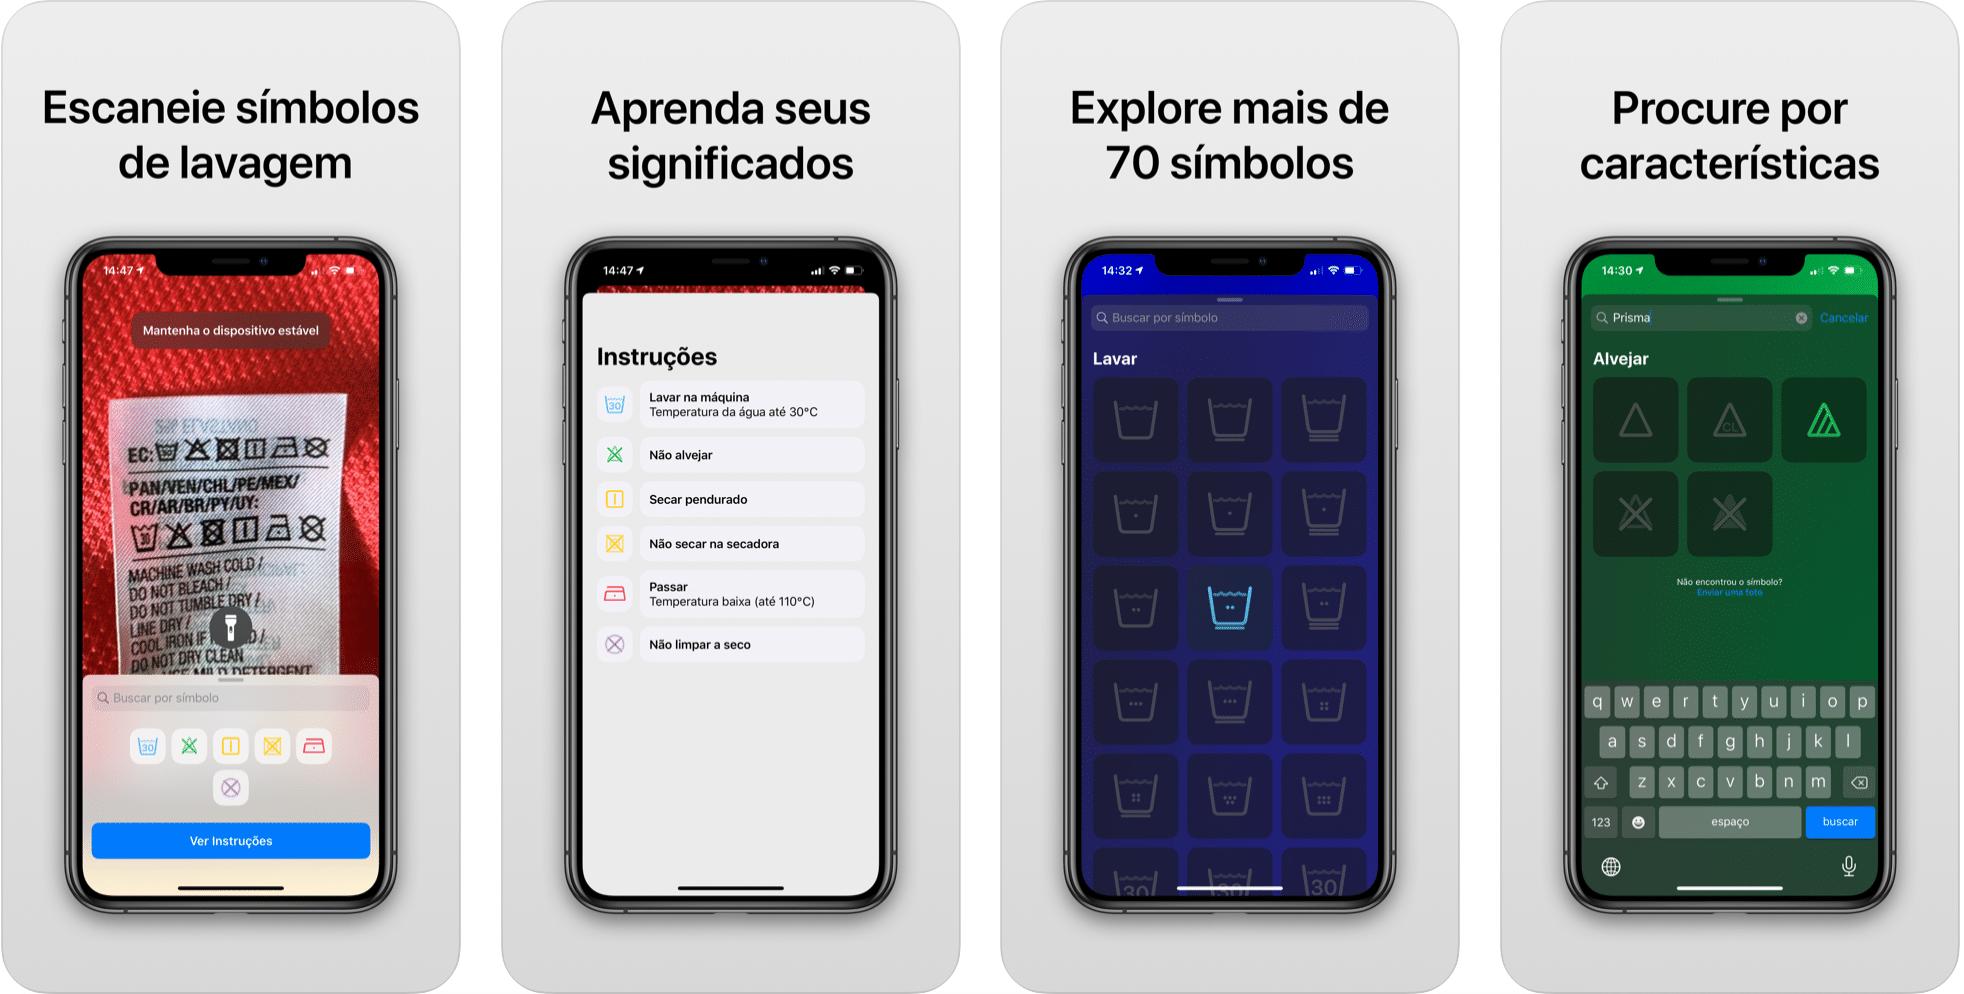 Brasiilia rakendus (ja see on tasuta!) Koos teie iPhone'i kaameraga on teie rõivamärgistel sümbolid